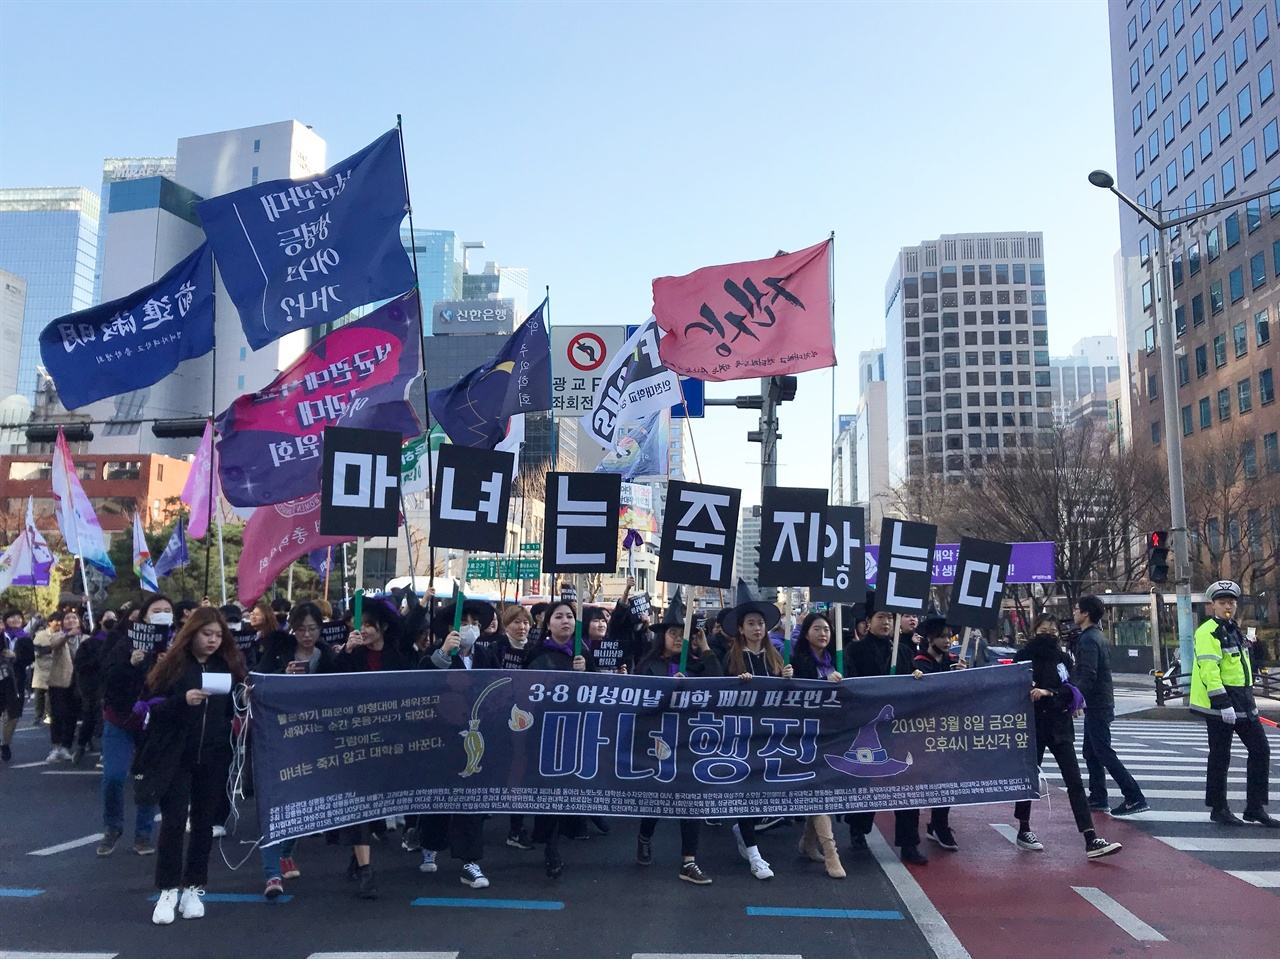 행진을 하는 참가자들 보신각에서 광화문까지 구호를 외치며 행진을 진행하고 있다.